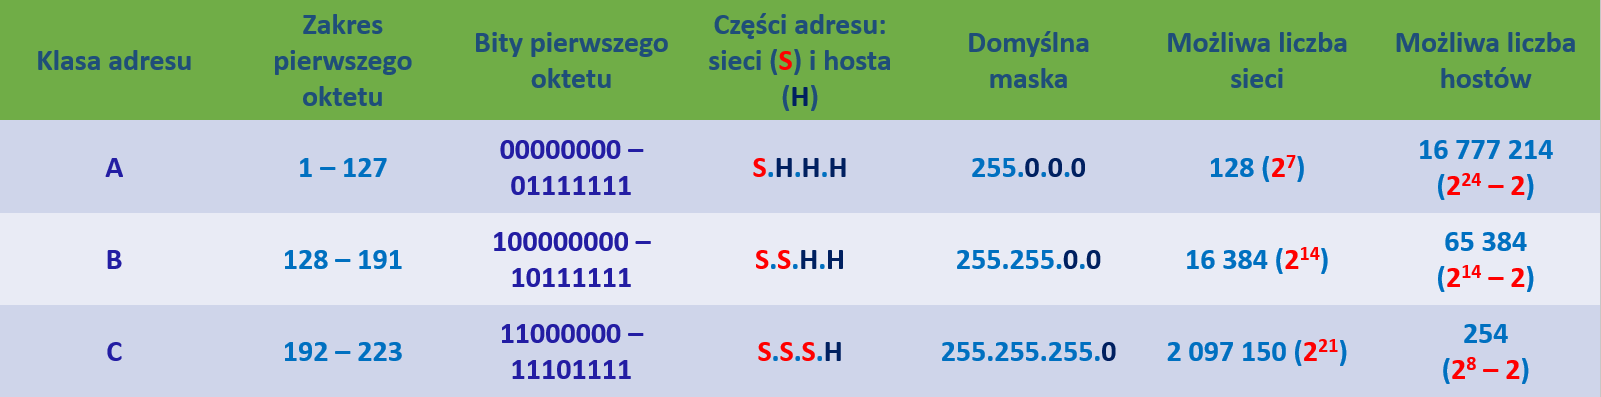 tabela adresów